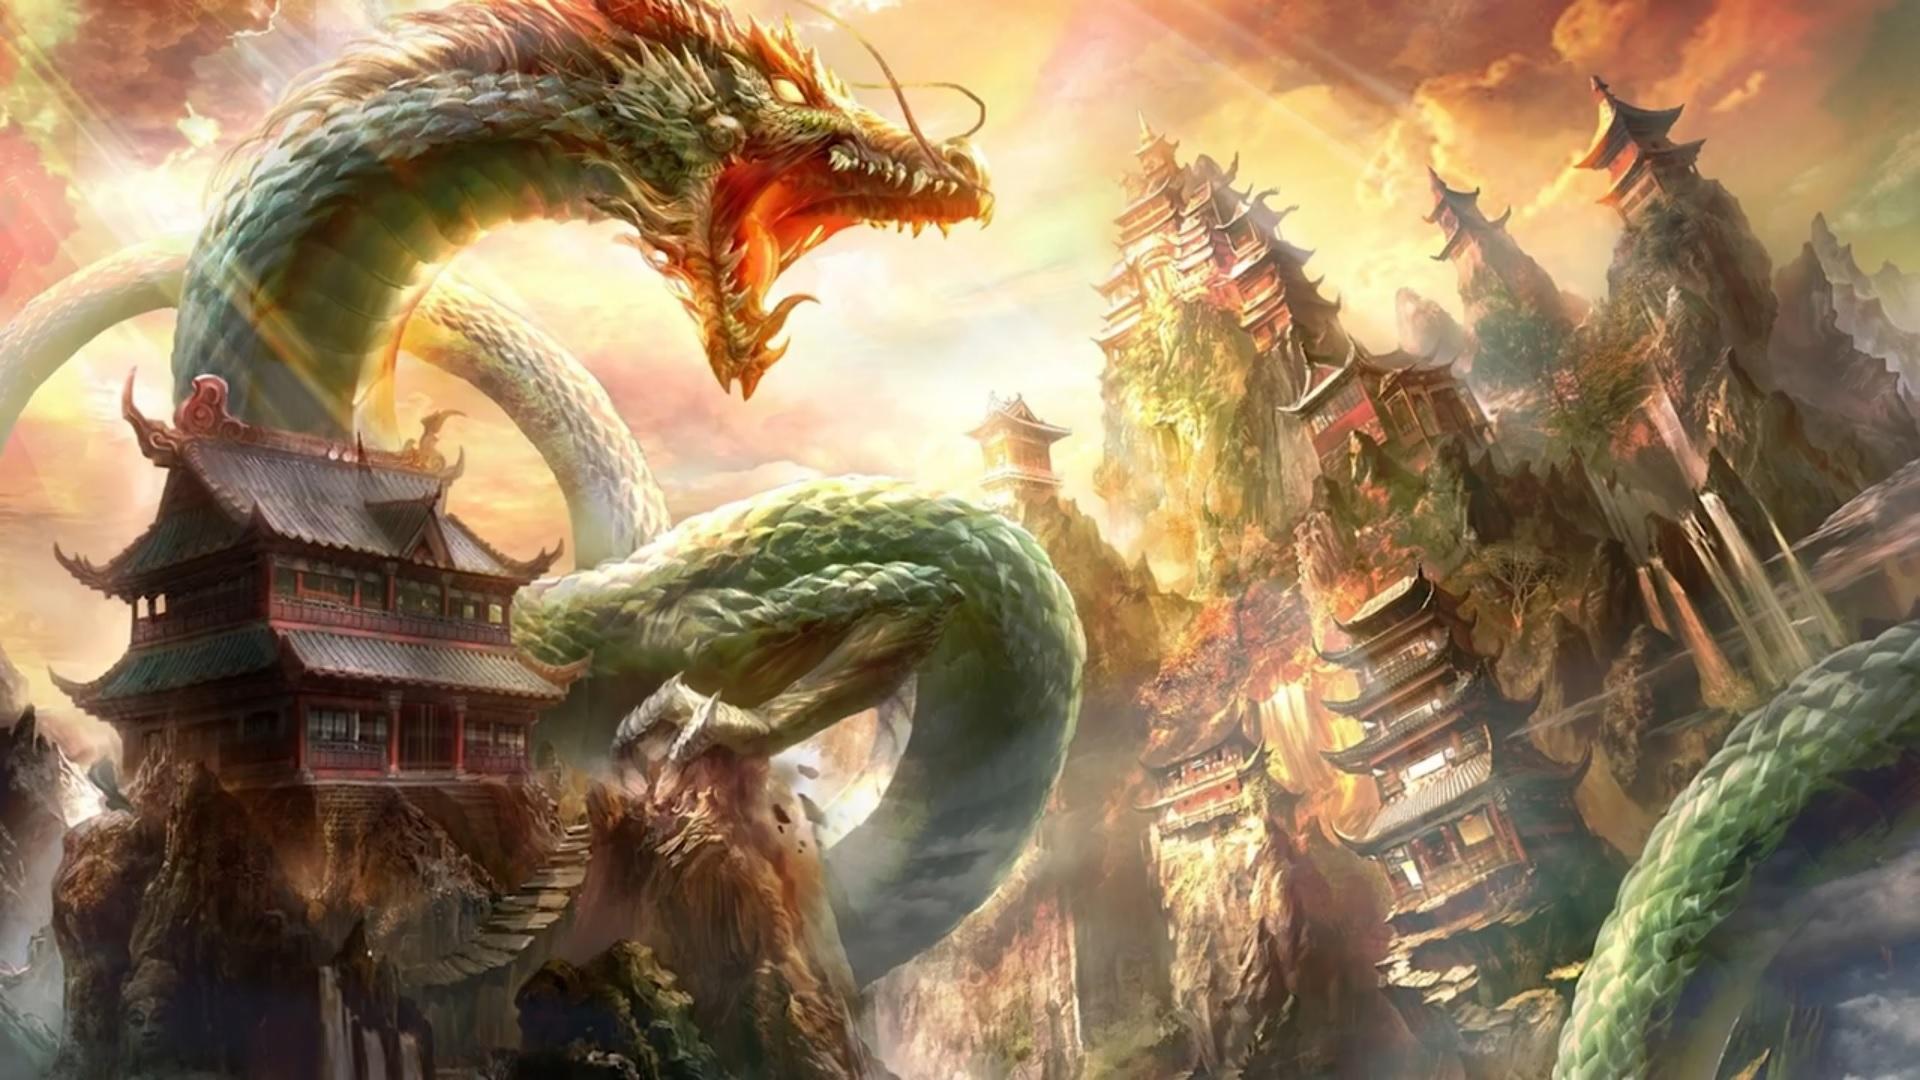 Exploring Mythology: Dragons (Изучение мифологии: драконы)